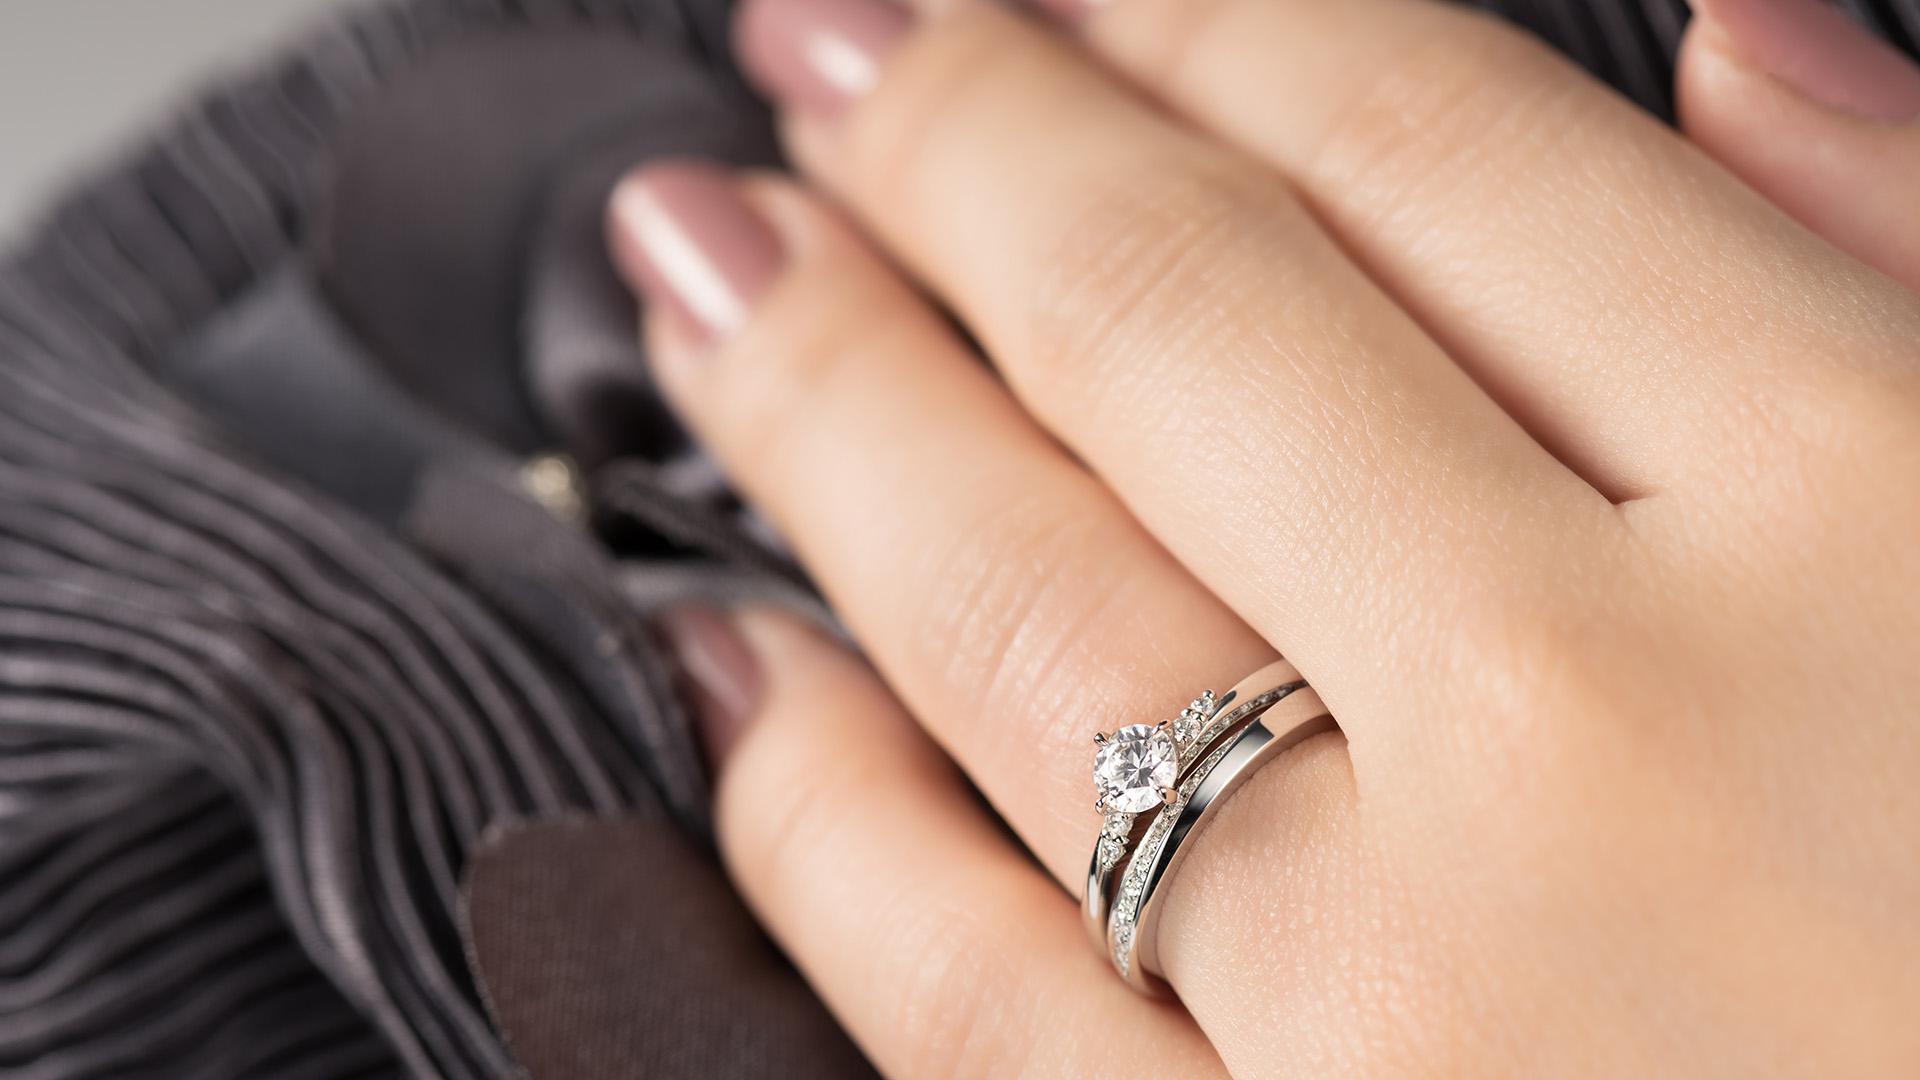 psyche プシュケー | 結婚指輪サムネイル 4